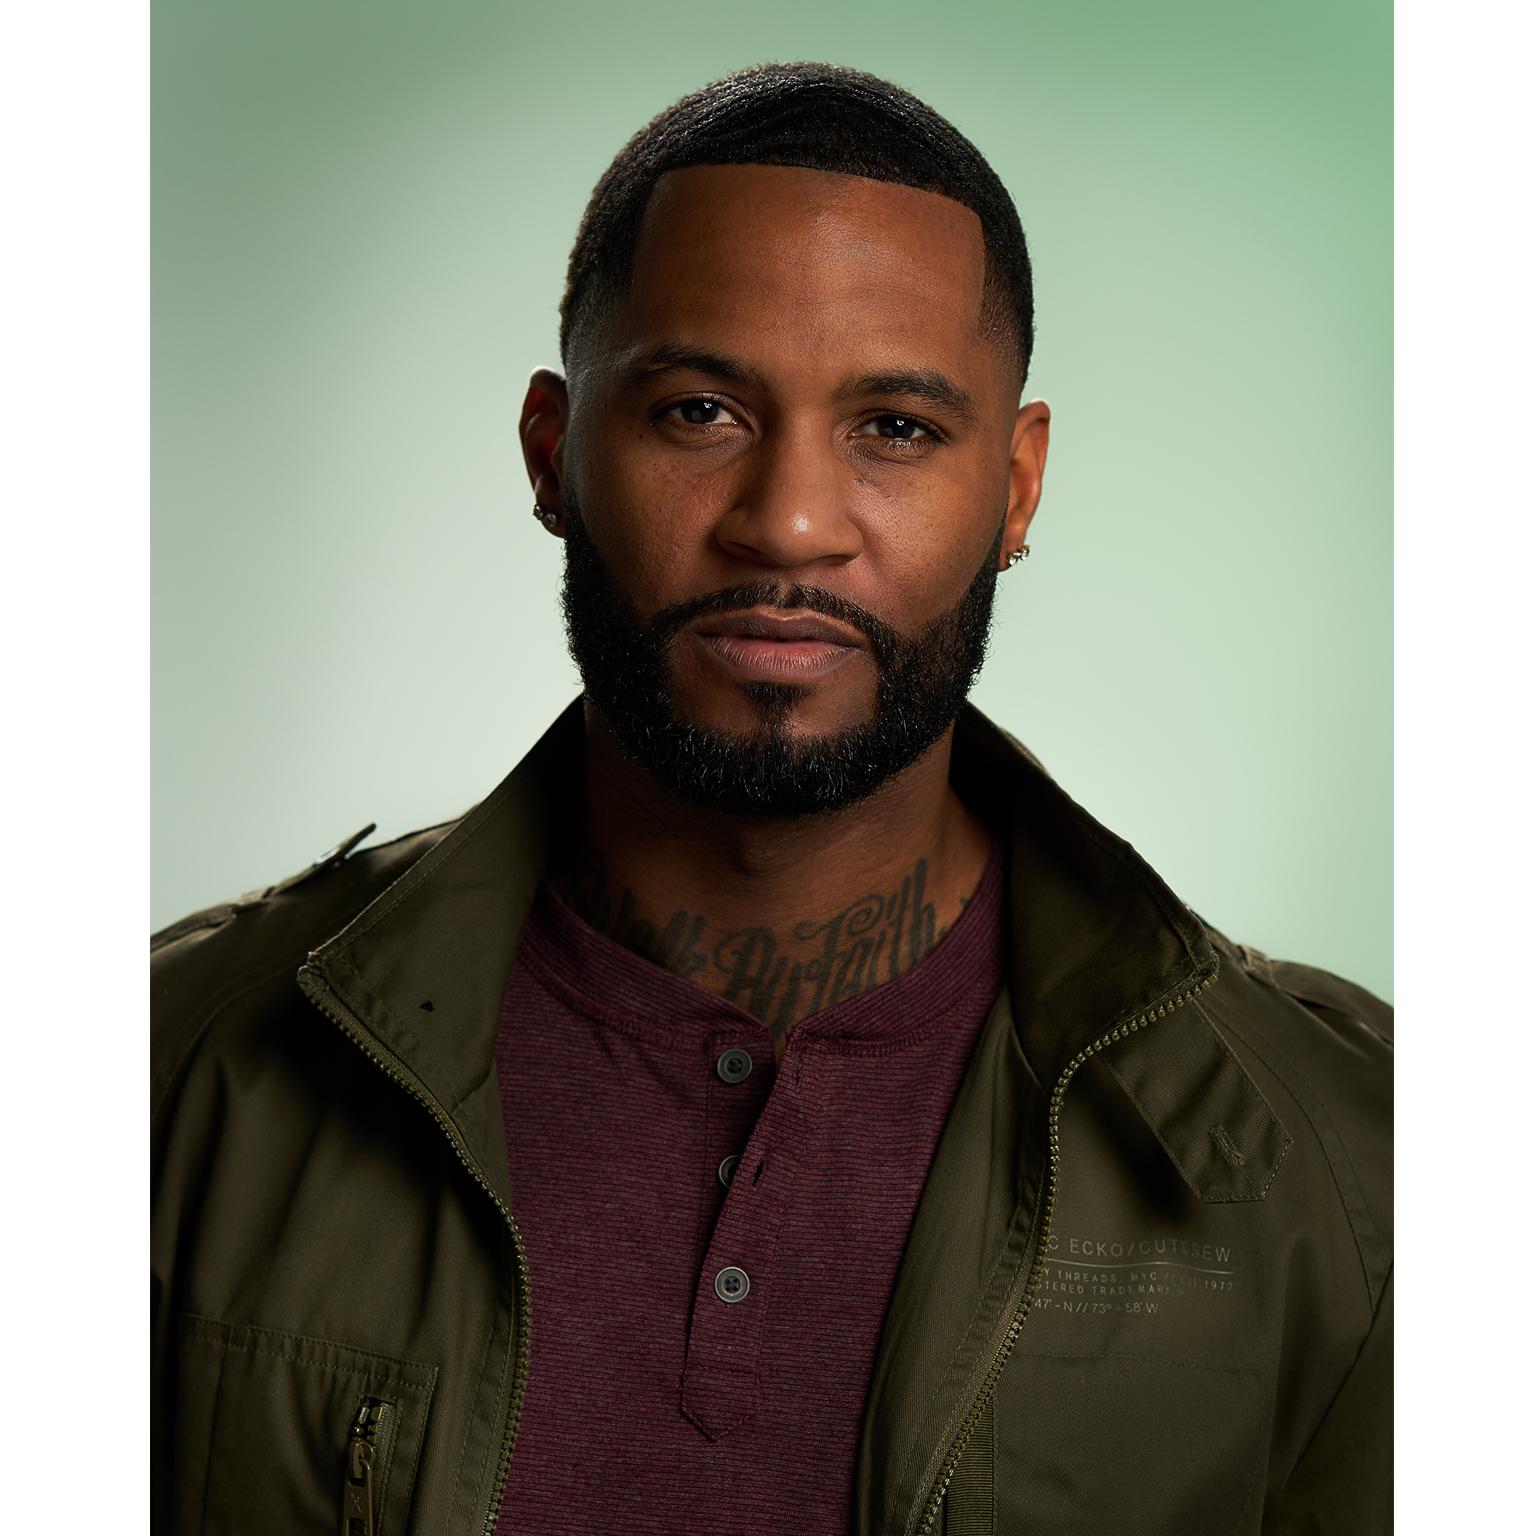 Toronto-Fitness-Model-Agency-Actor-Lifestyle-Headshot-Paul-Anthony-Perez